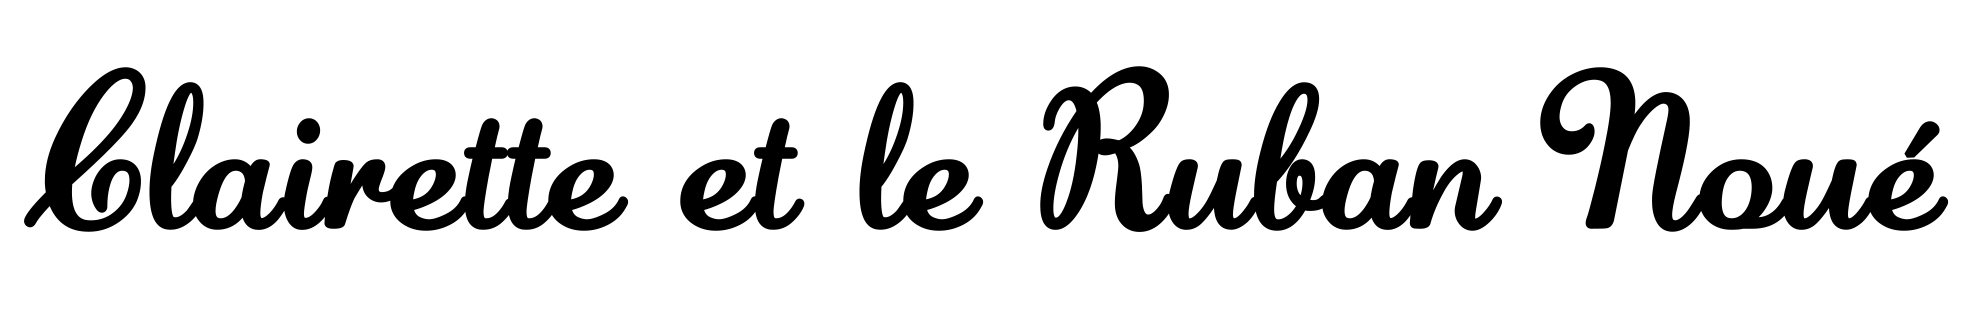 couturière lyon, retouche lyon, retouche couture lyon, tarif retouche, broderie lyon, broderie personnalisée, couturiere sur mesure lyon, vêtement enfant lyon, la coupe d or, livre bébé, sortie de bain bébé, patchwork, atelier couture Lyon, cadeau naissance lyon, idée cadeau lyon, crochet lyon, ruban lyon, boutis lyon, patchwork lyon, point de croix lyon, atelier lyonnais, cadeau original lyon, point de broderie, naissance lyon, boutique bébé lyon, déguisement lyon, singer lyon, clairette et le ruban noué